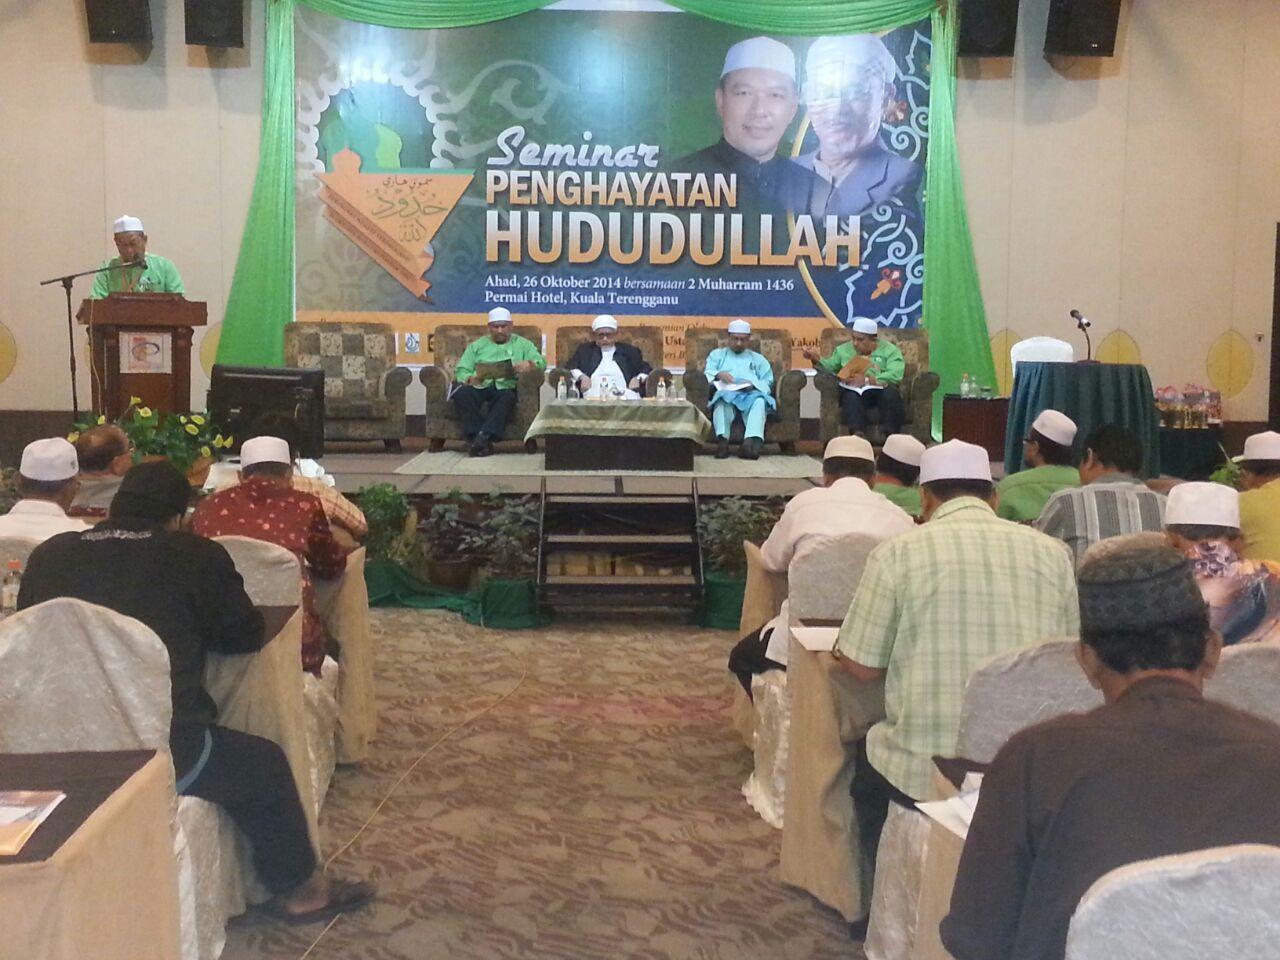 perasmian Seminar Hududullah